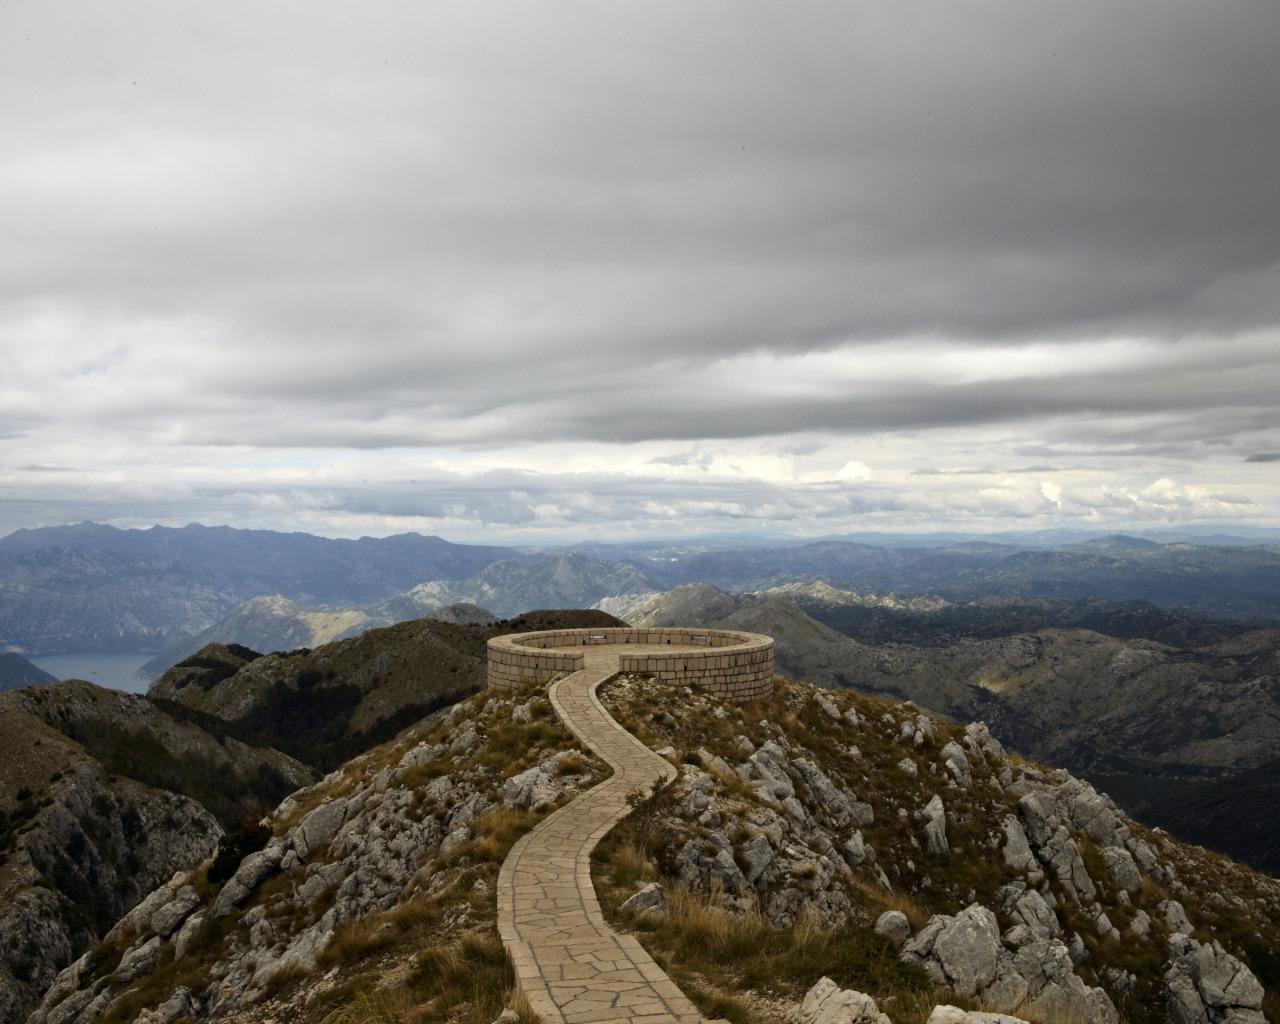 Mt. Loven in Montenegro.